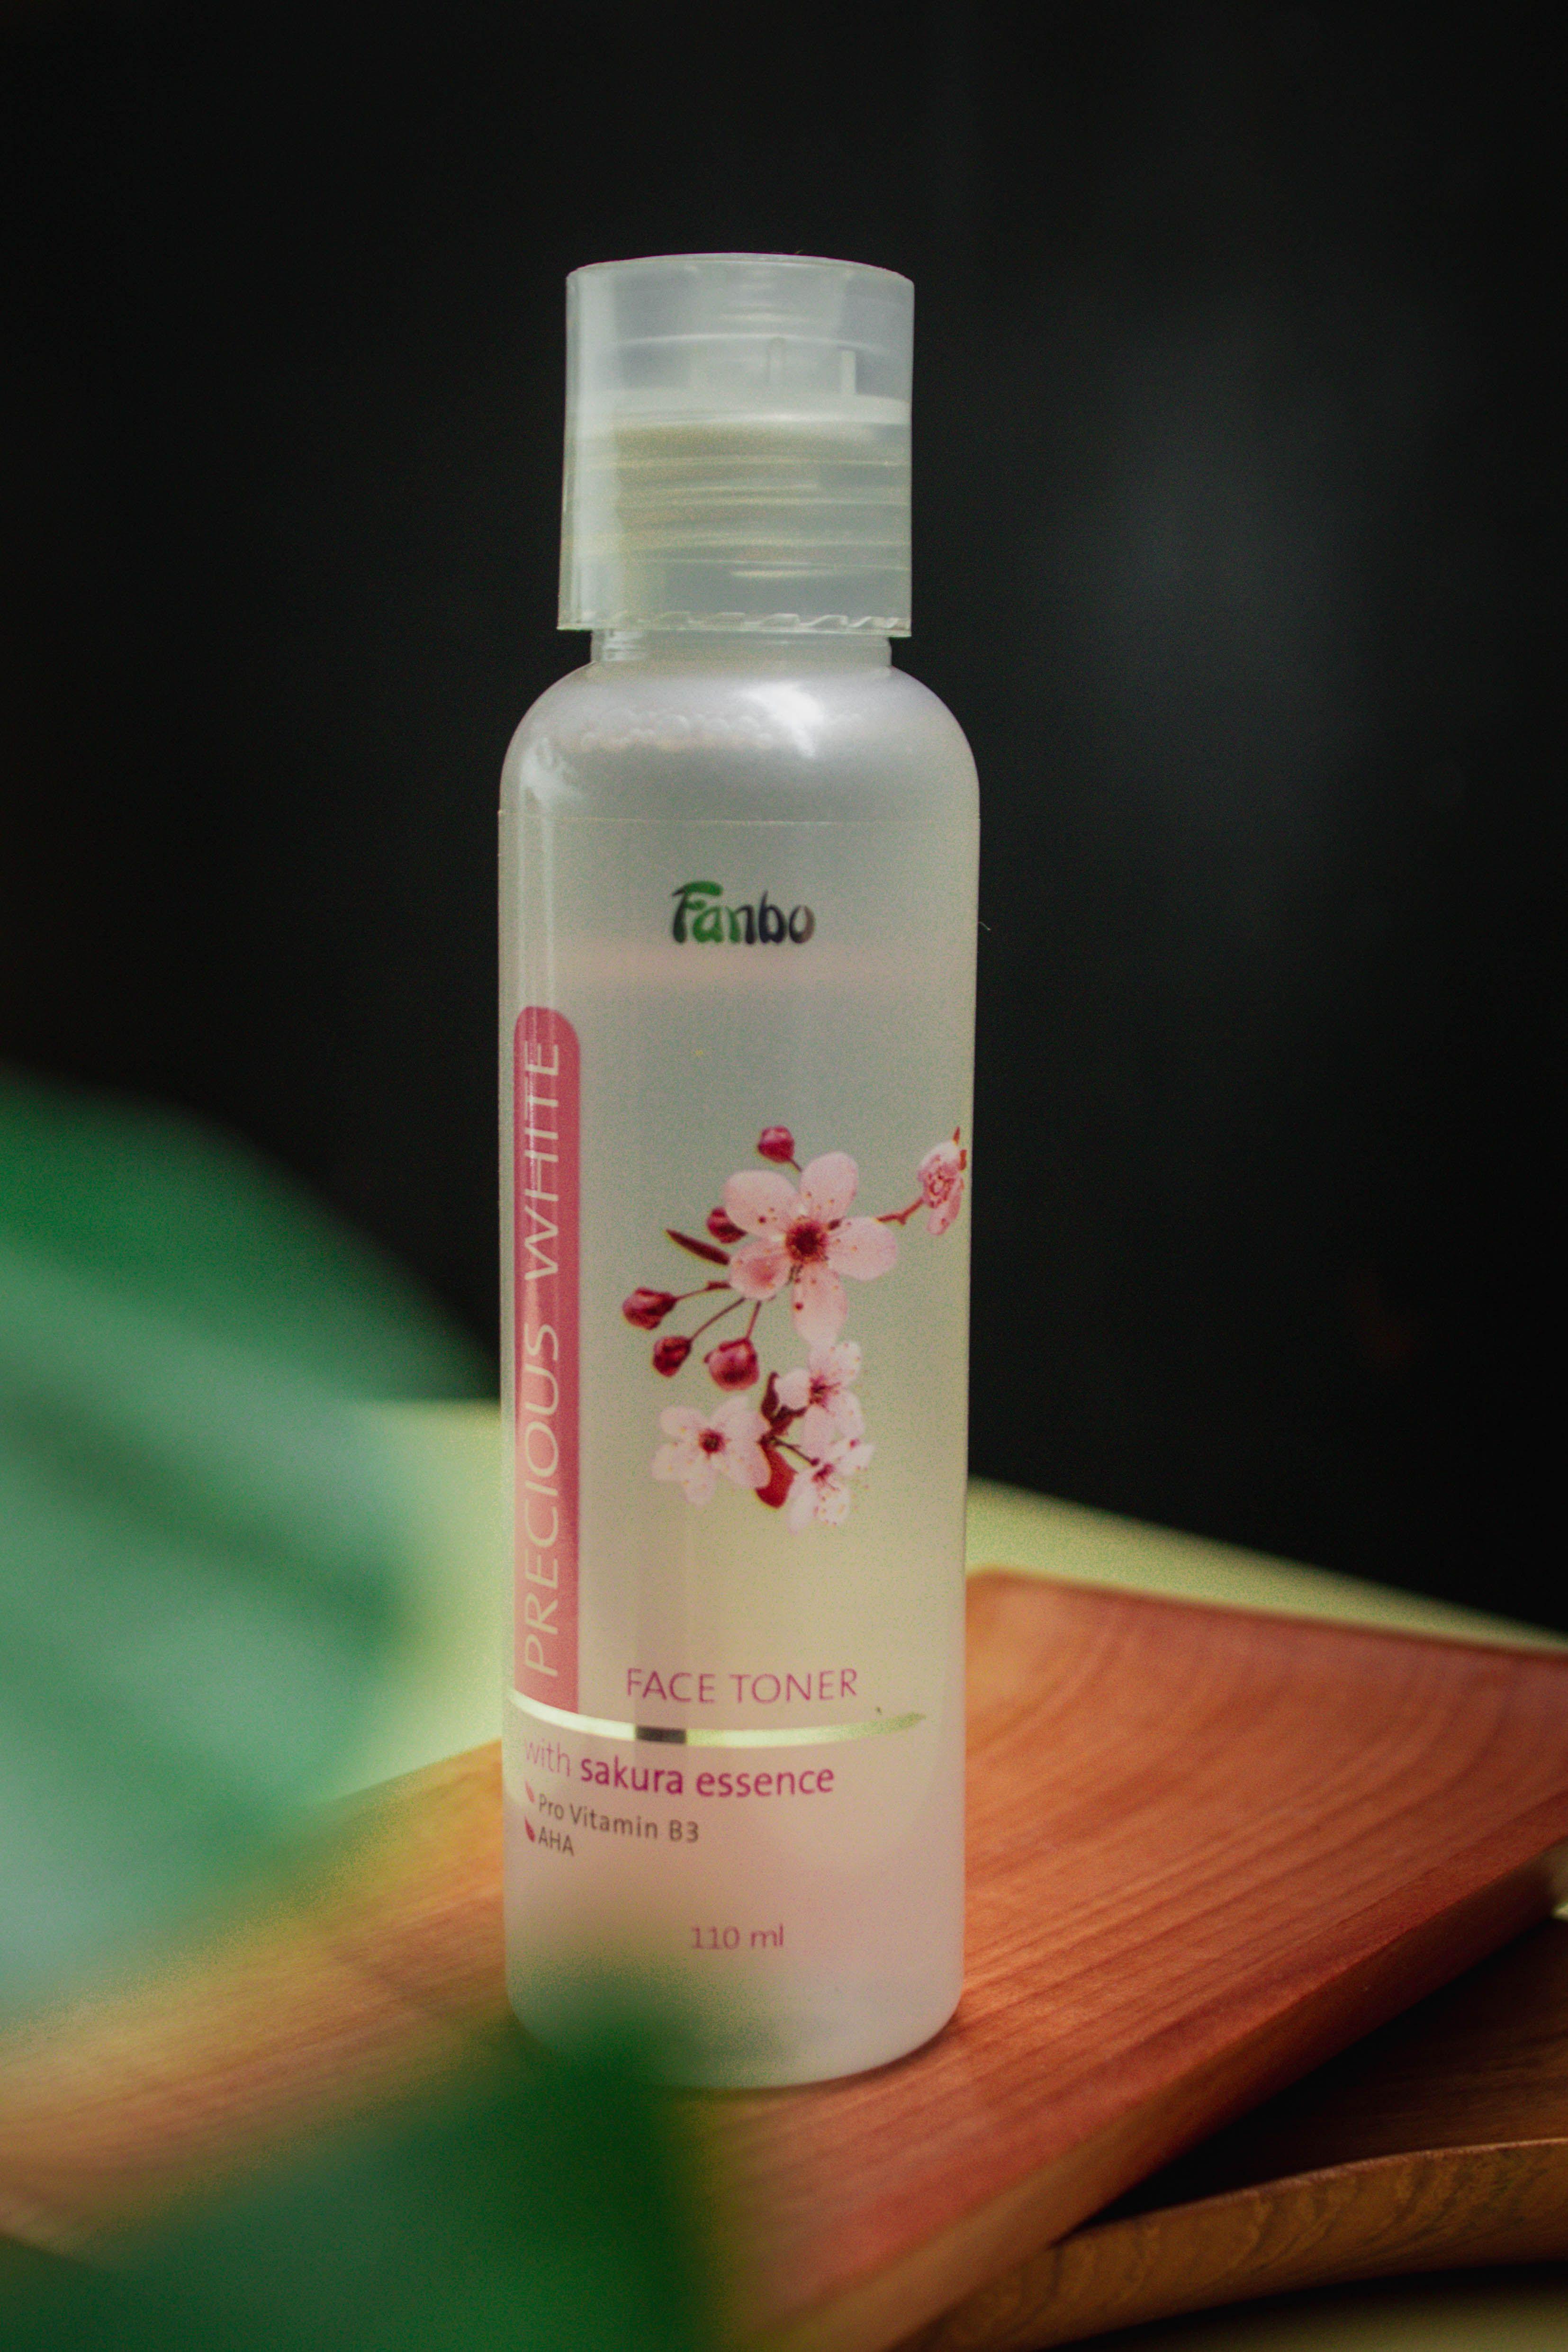 gambar review ke-1 untuk Fanbo Precious White Face Toner